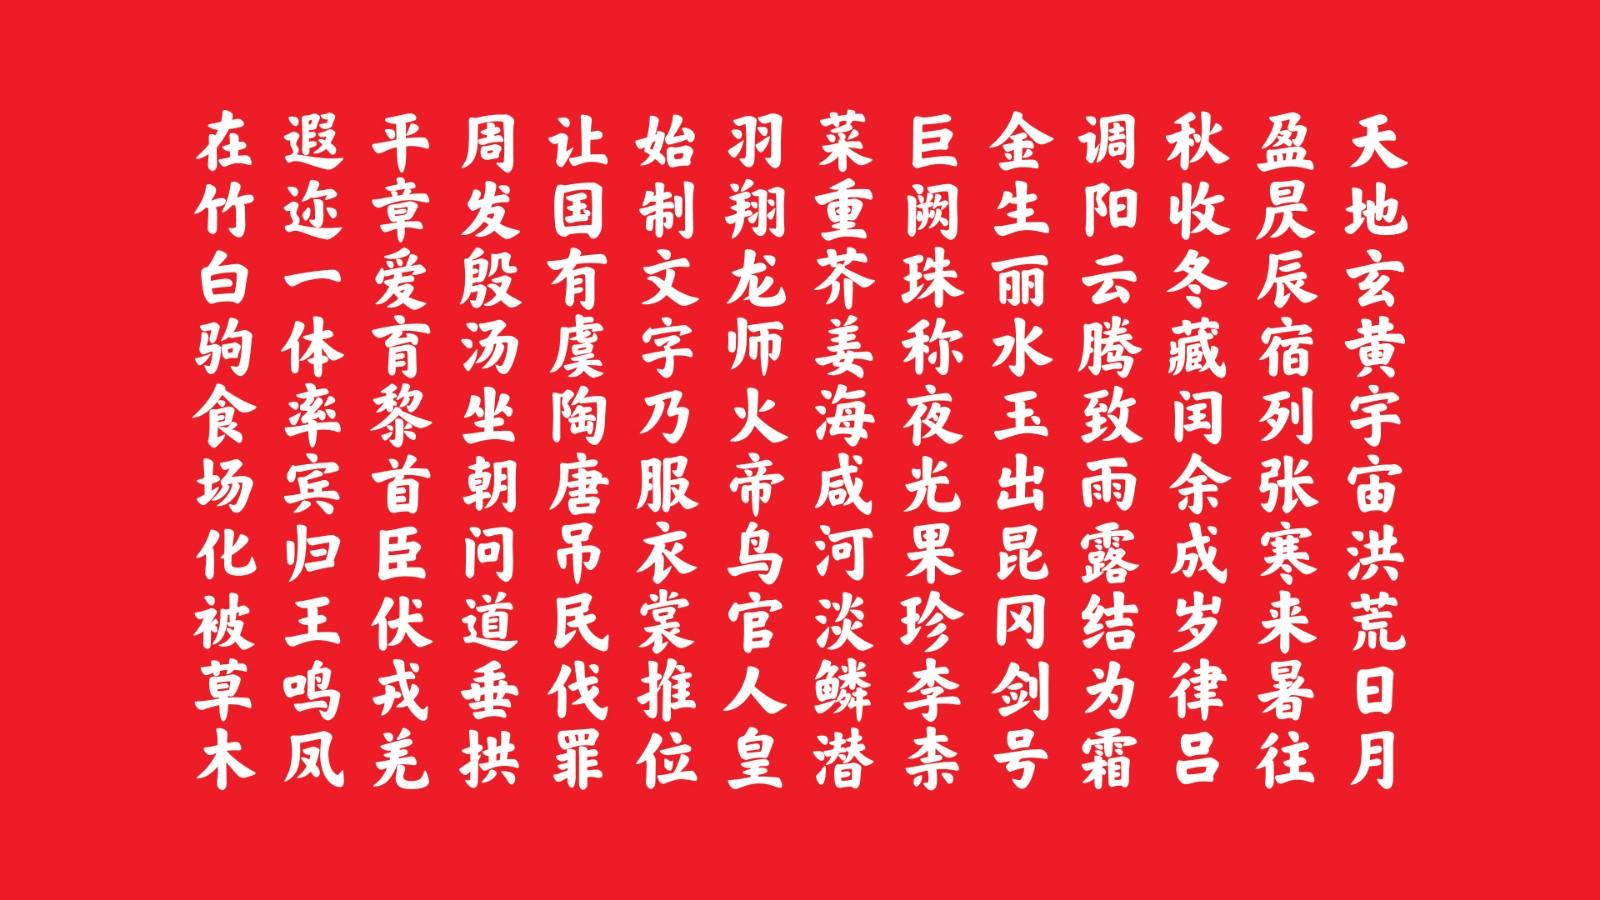 https://ft-bk1.oss-cn-zhangjiakou.aliyuncs.com/Public/Uploads/img/n_content_20201210175523_5965.jpeg